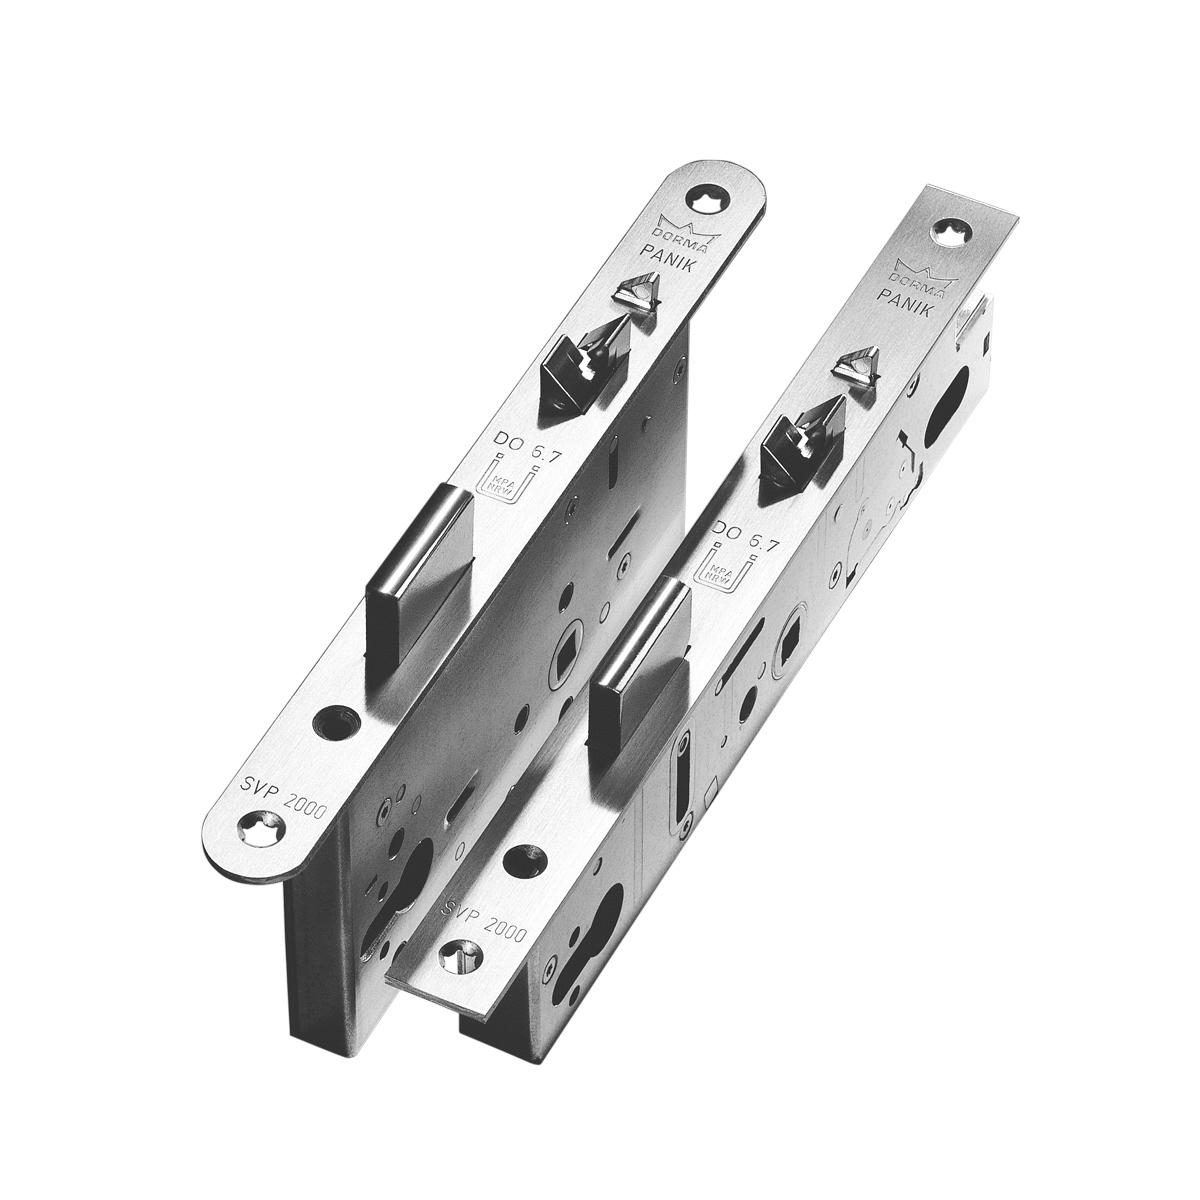 锁�_多玛svp 2000带有紧急逃生功能的机电一体锁